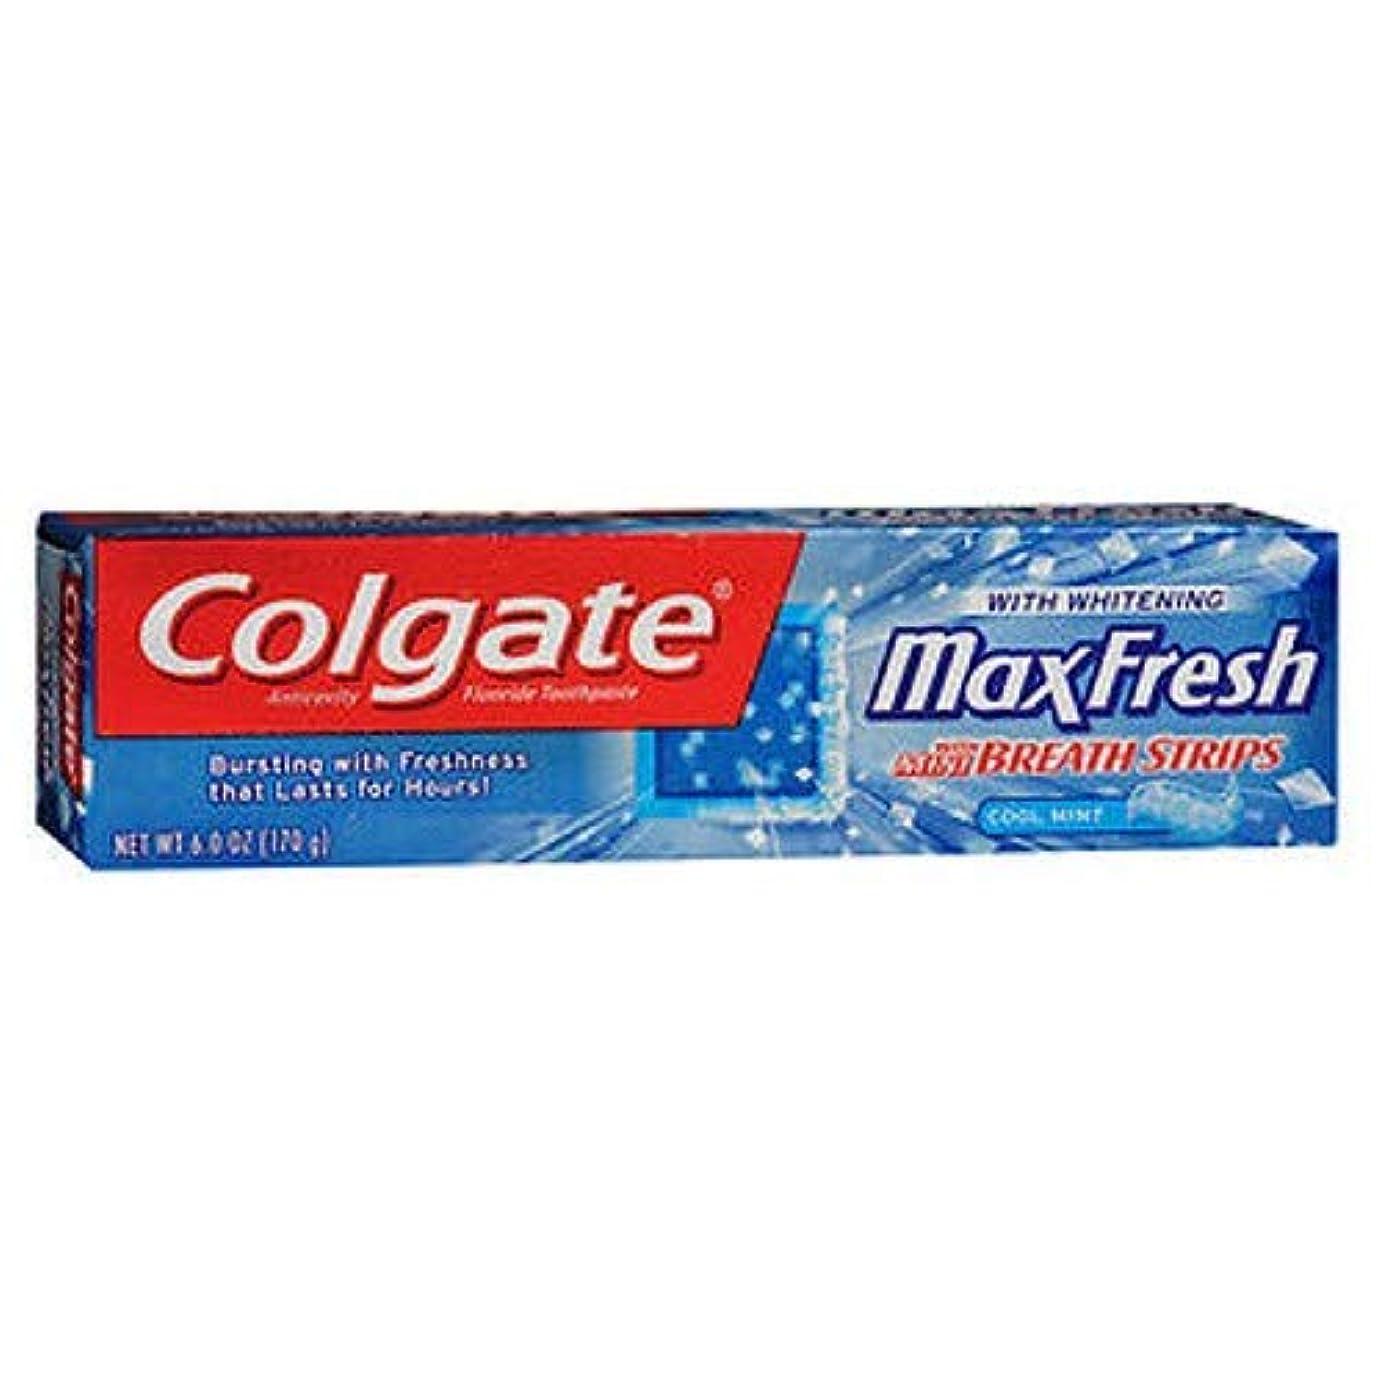 行方不明正確に是正するColgate マックス新鮮なハミガキミニブレスストリップ,ミント&#44クール。 6オズ。